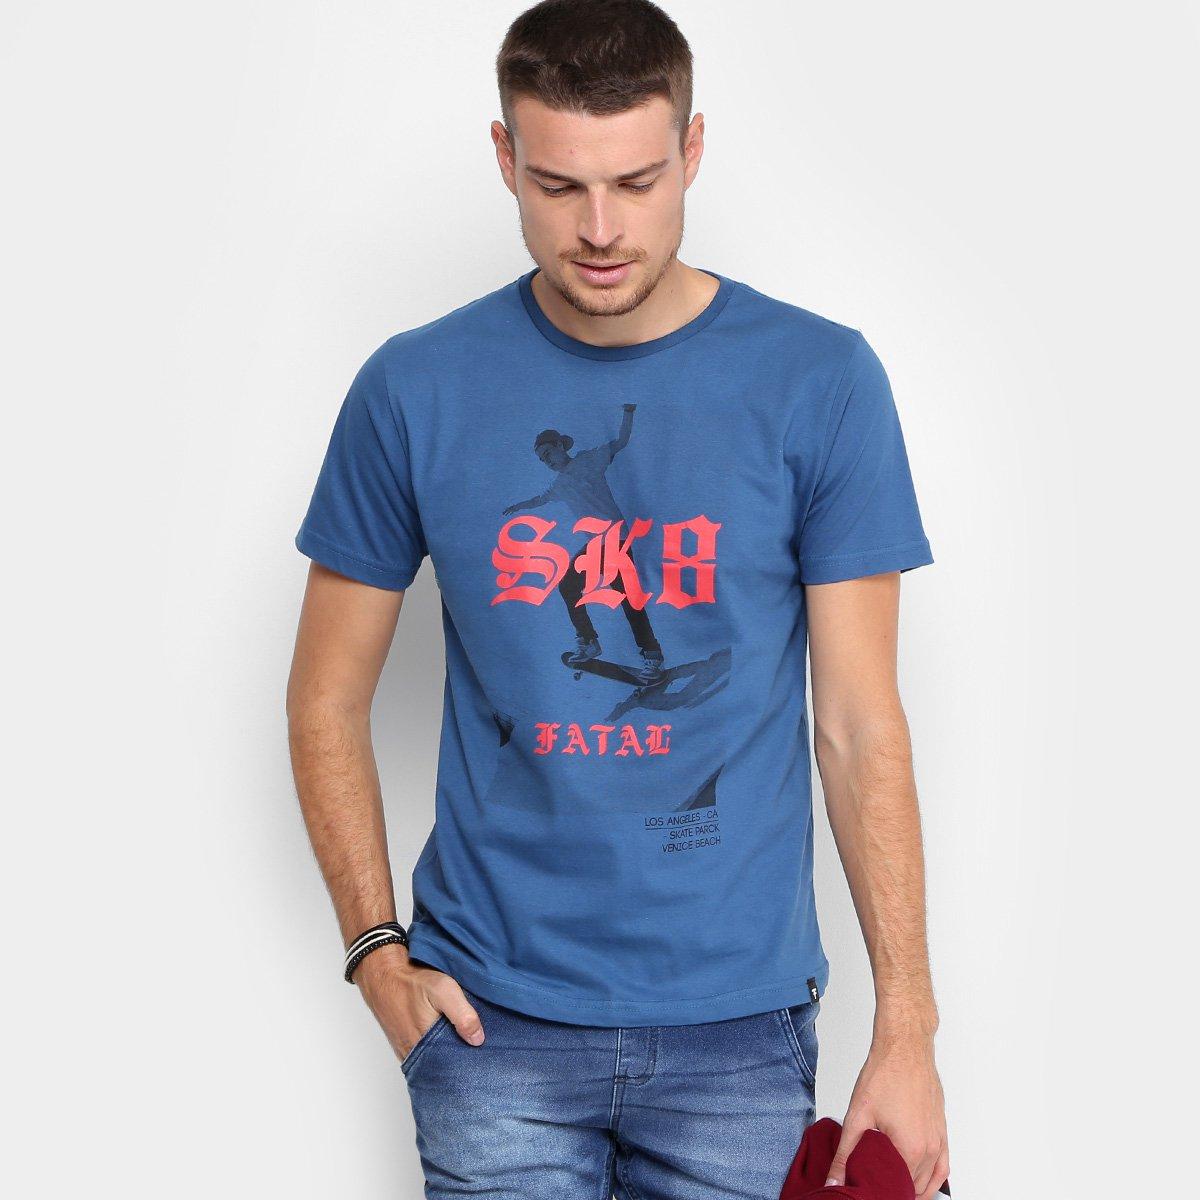 e5d4a9c8b1 Camiseta Fatal Estampada Masculina - Azul - Compre Agora